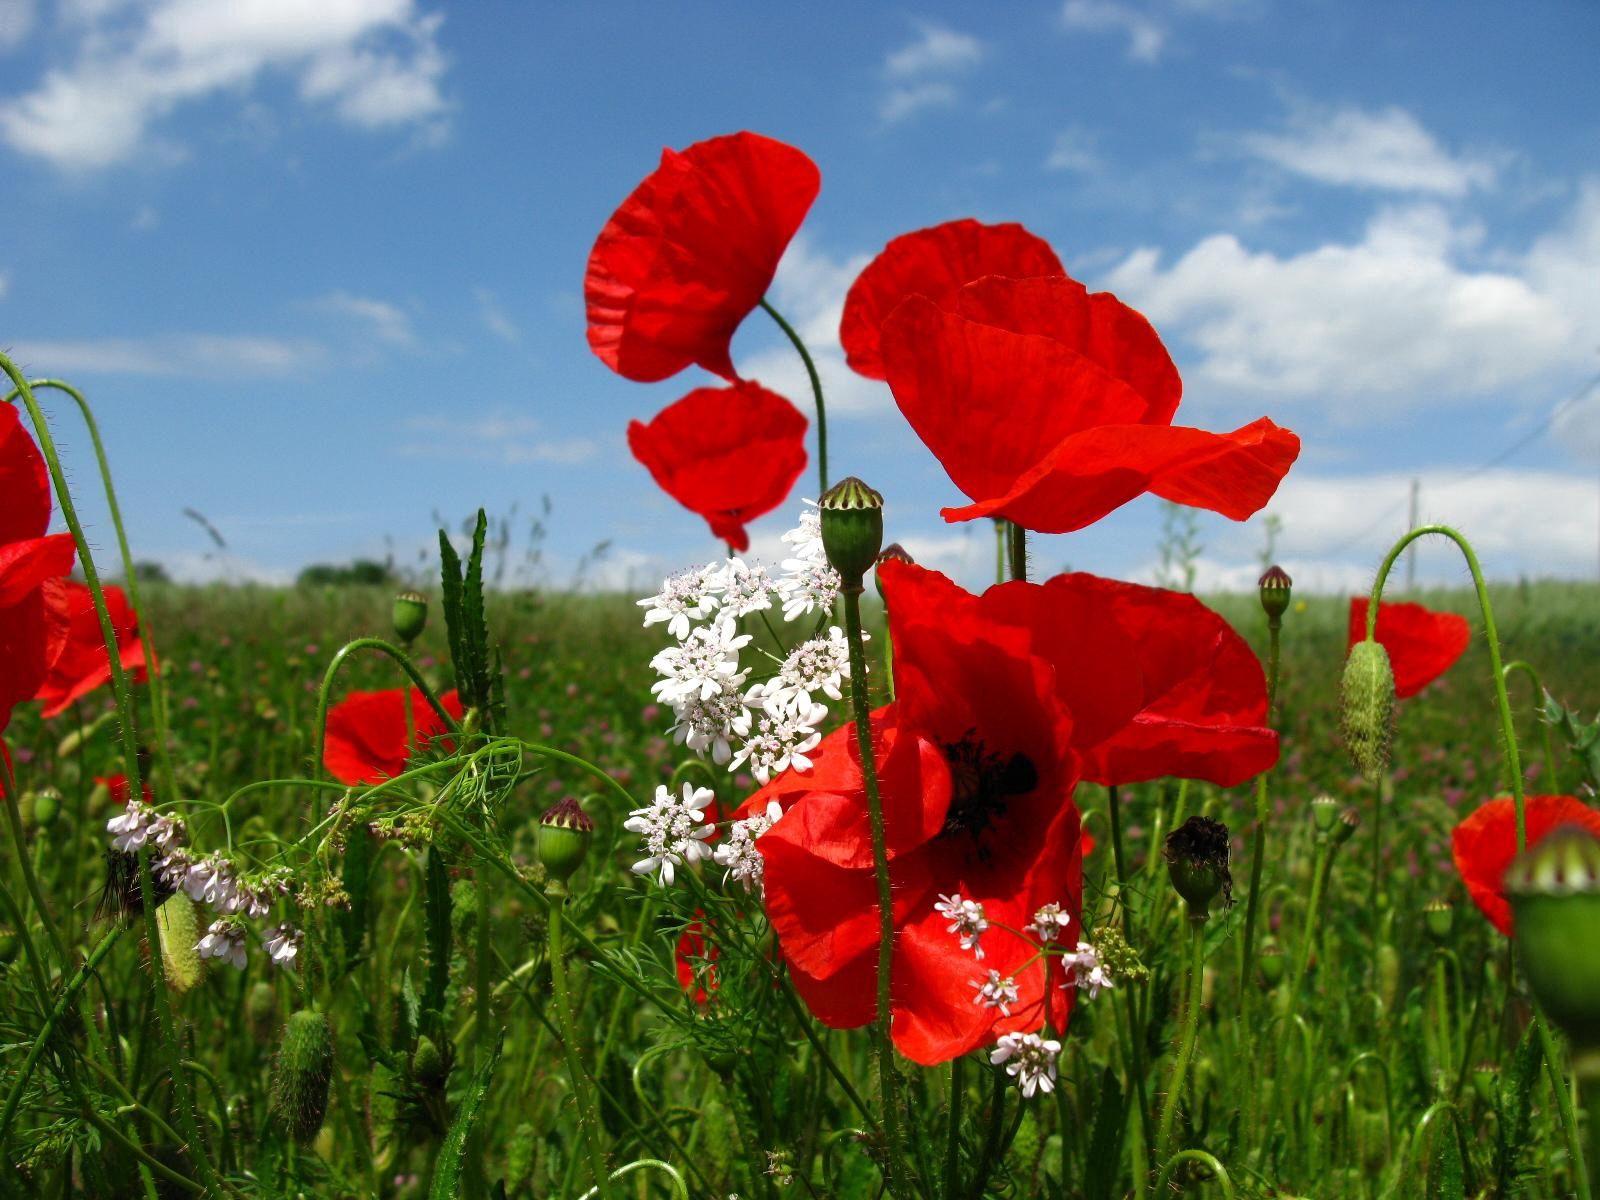 153390 скачать обои Цветы, Маки, Поляна, Небо, Природа, Зелень - заставки и картинки бесплатно